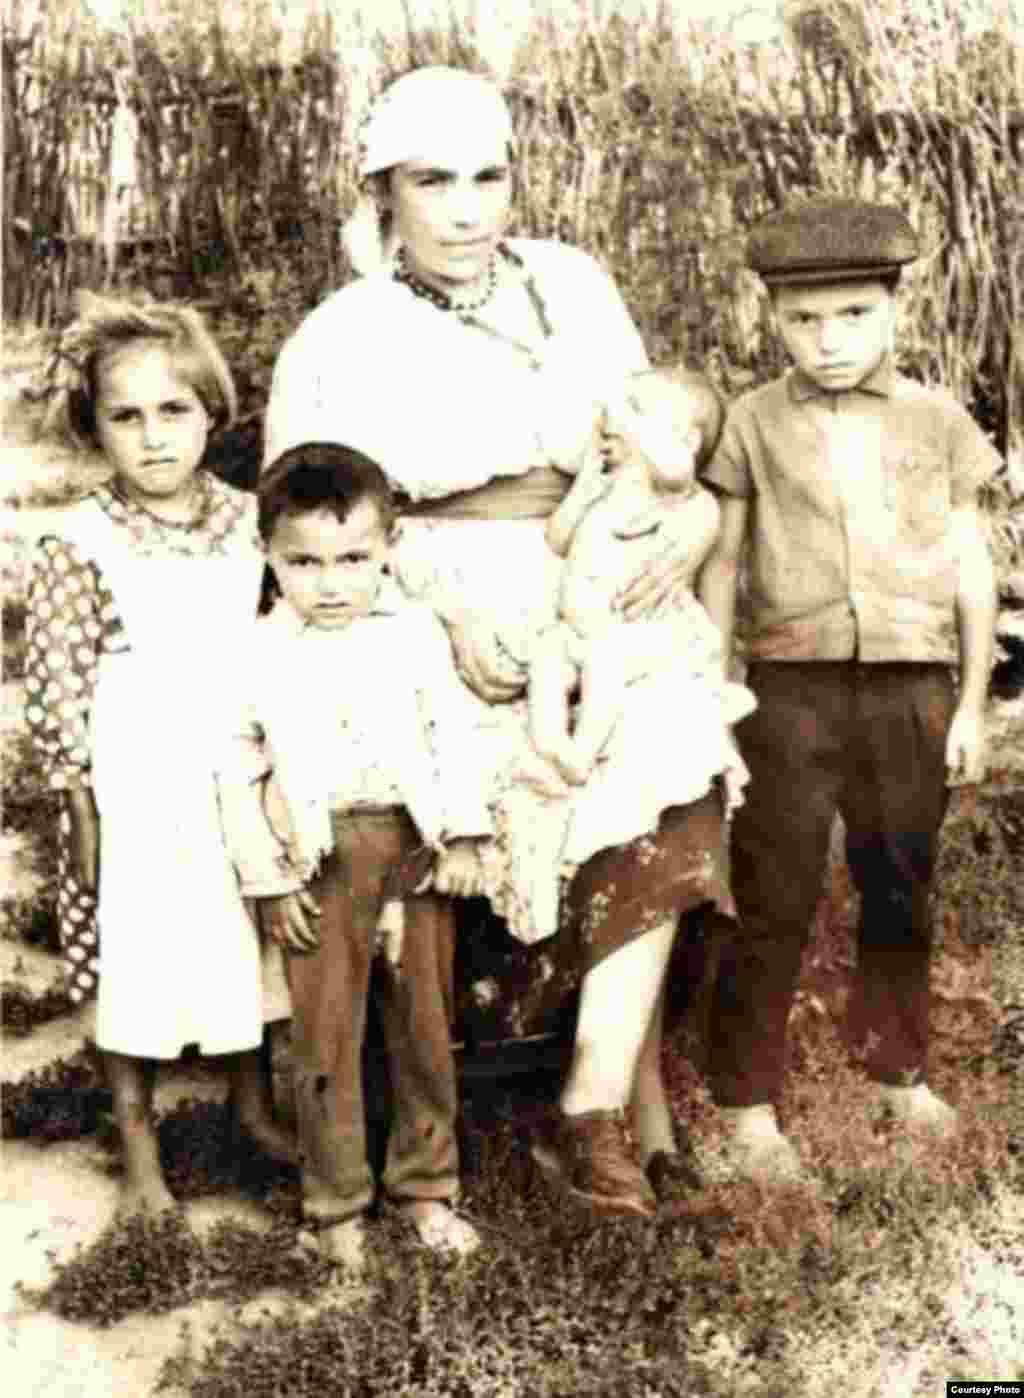 Mama lui Marin Alla în fața porții casei, alături de copii. Satul Ursari, circa 1950